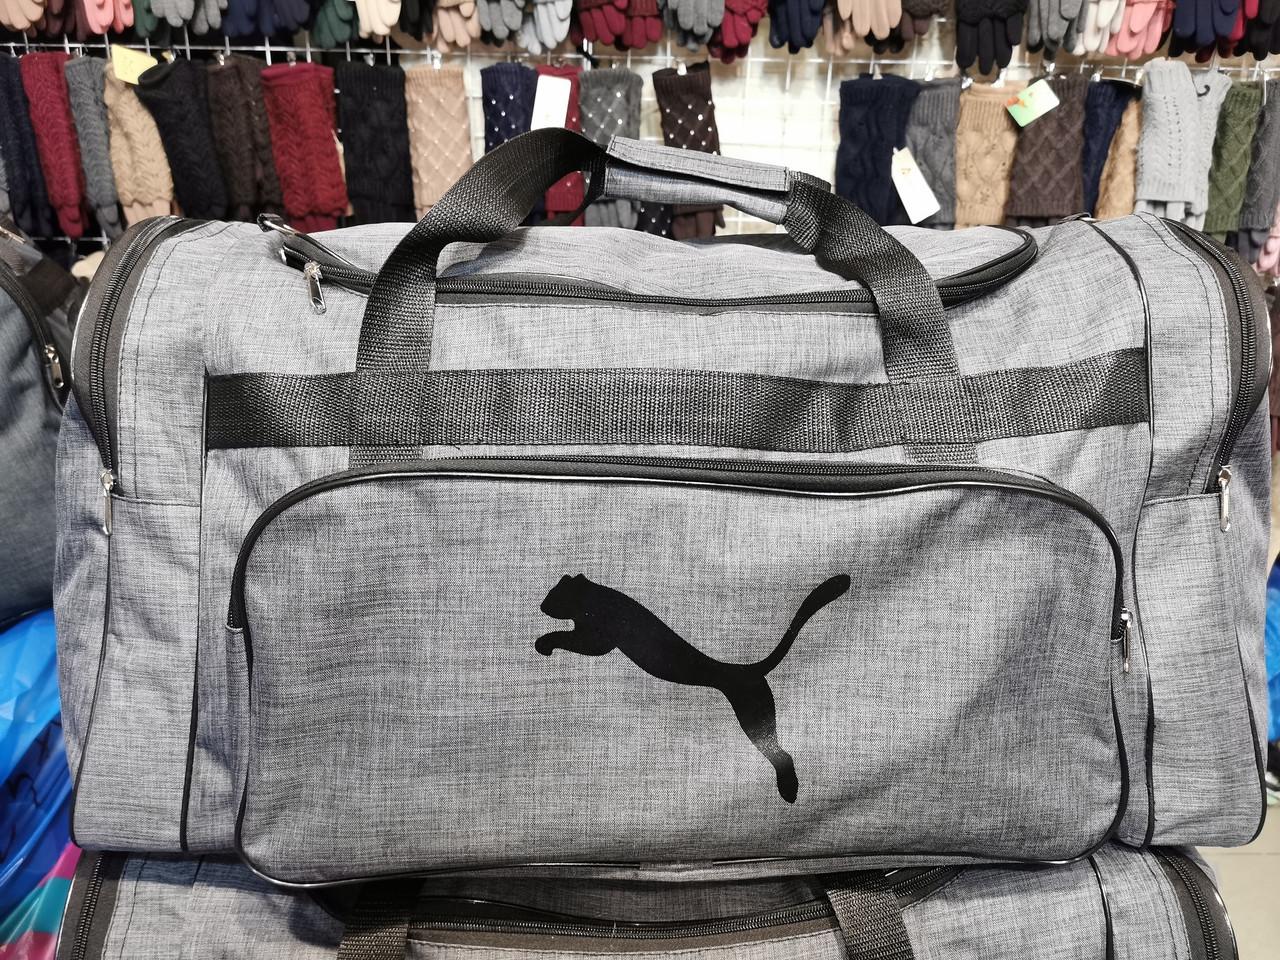 (36*64)Спортивная дорожная puma мессенджер оптом/Спортивная сумка только оптом